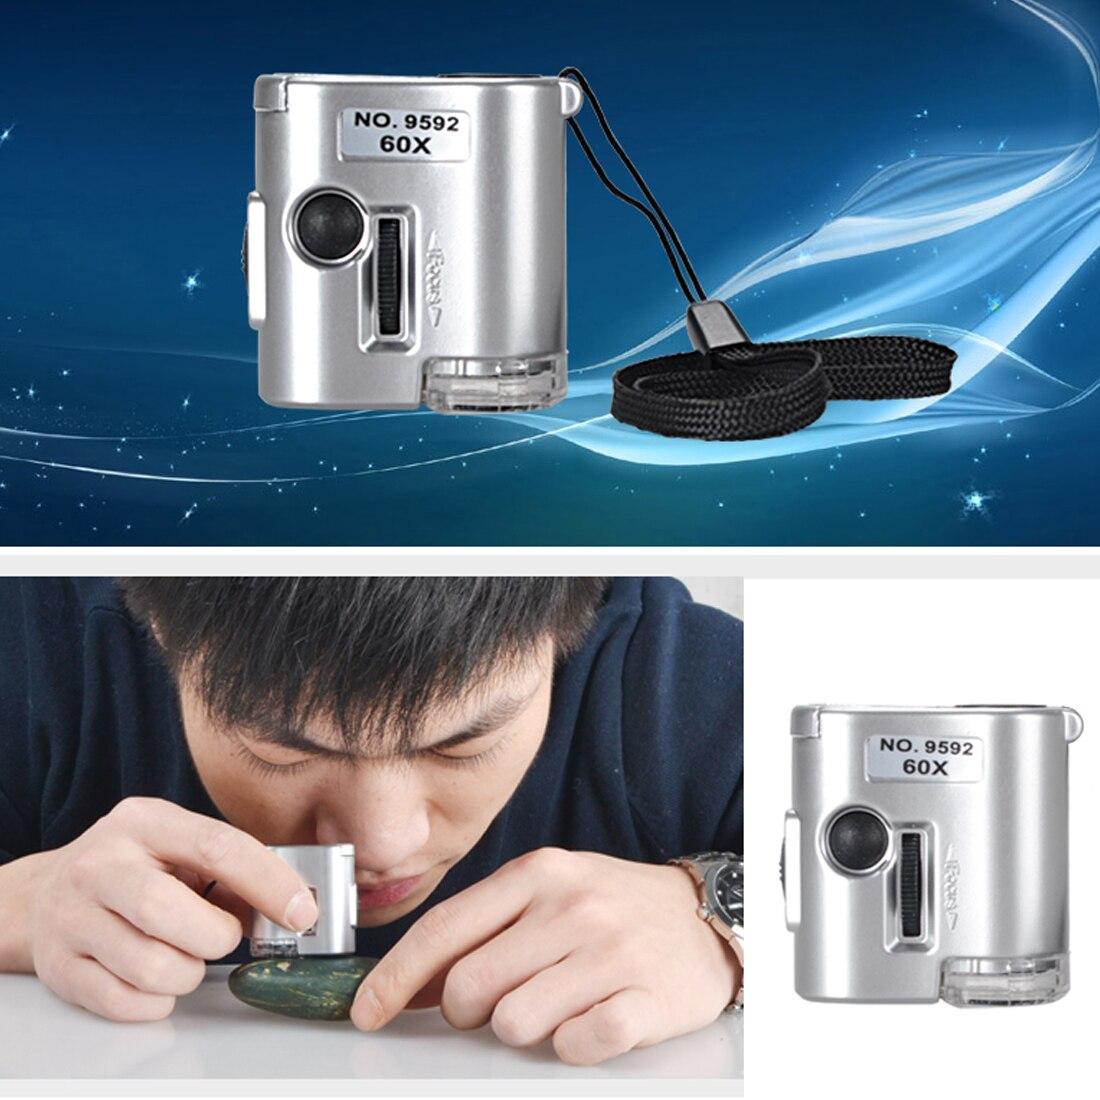 1 шт. Новый мини 60X карманный микроскоп Ювелирная Лупа Стекло Светодиодный УФ-светильник мини-микроскоп Amplificador de joyas